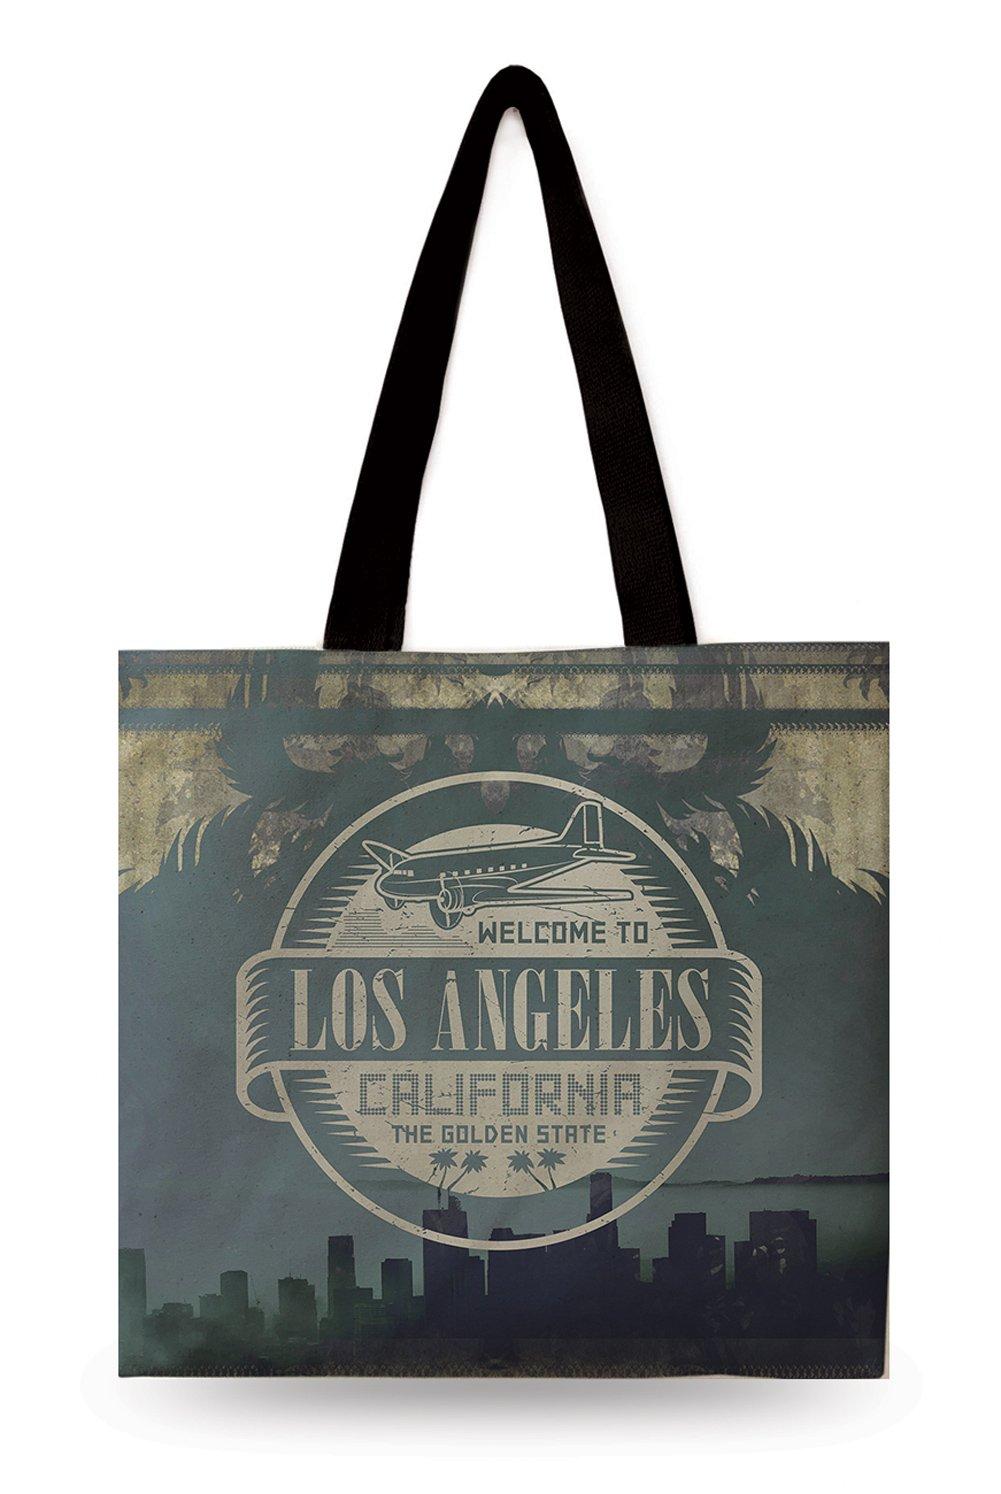 完成品 Designerのコレクションデジタル印刷100 %コットンキャンバスミディアムトートバッグLos Angeles California B071GPWN7G California MarksのUSA with two sided印刷featuring美しい場所とTrade MarksのUSA B071GPWN7G, 美髪倶楽部:715f59a7 --- 4x4.lt